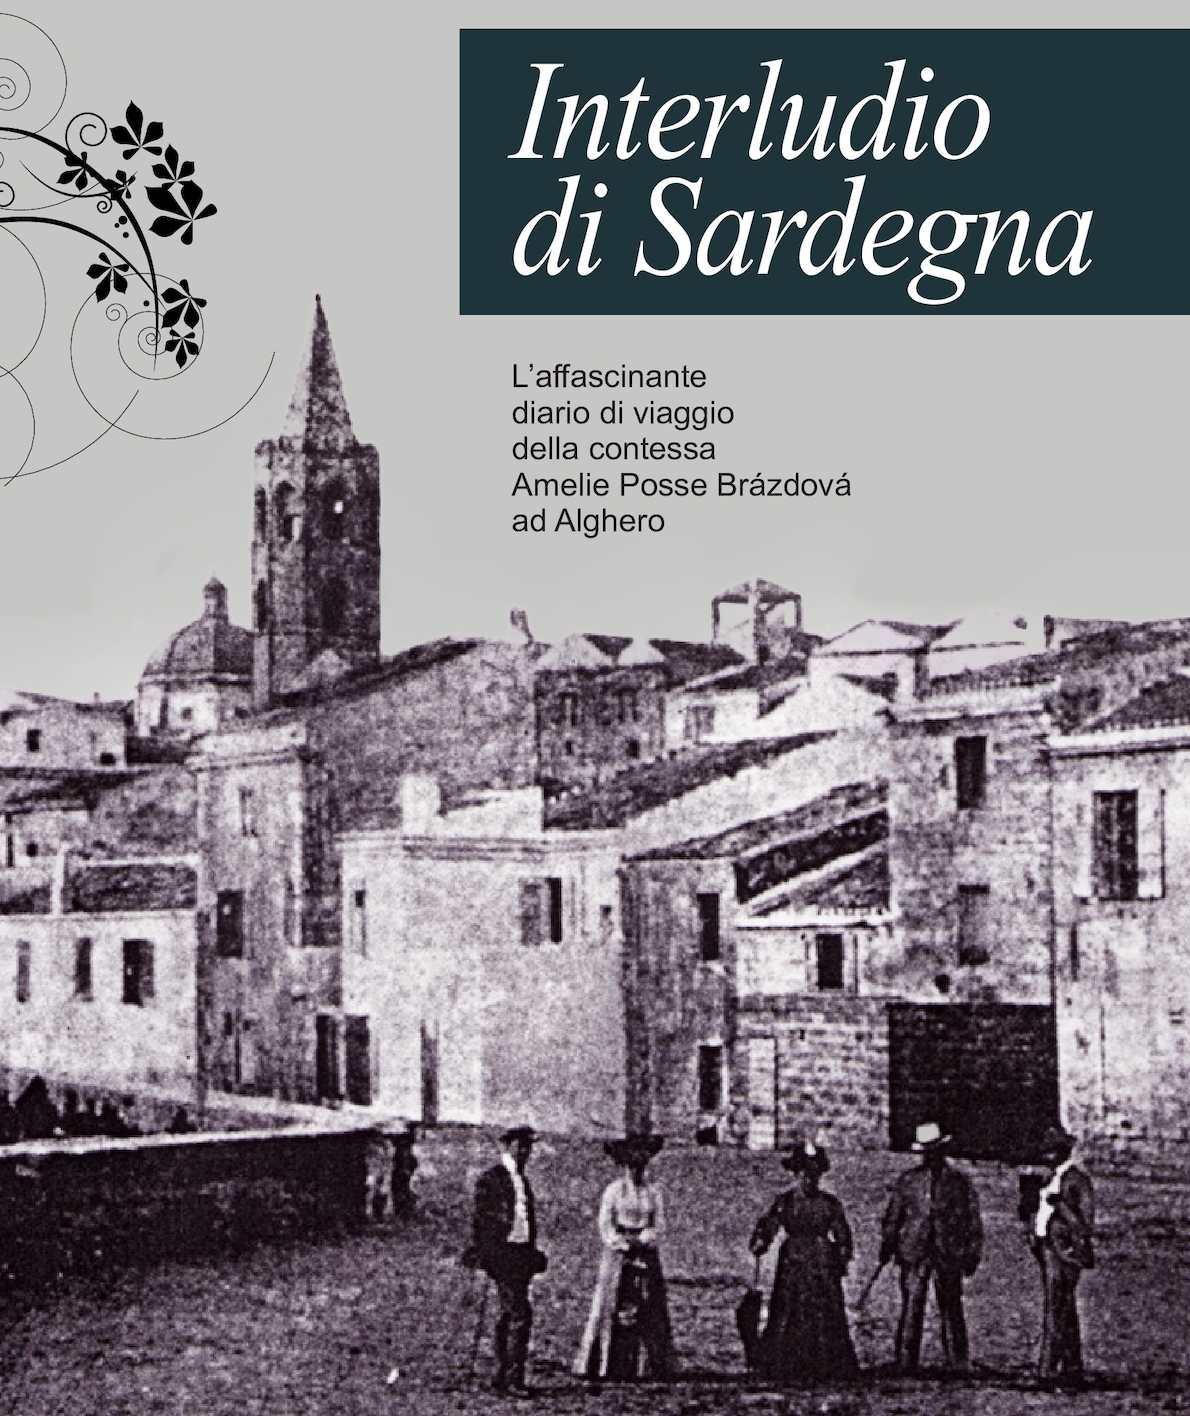 Interludio di Sardegna